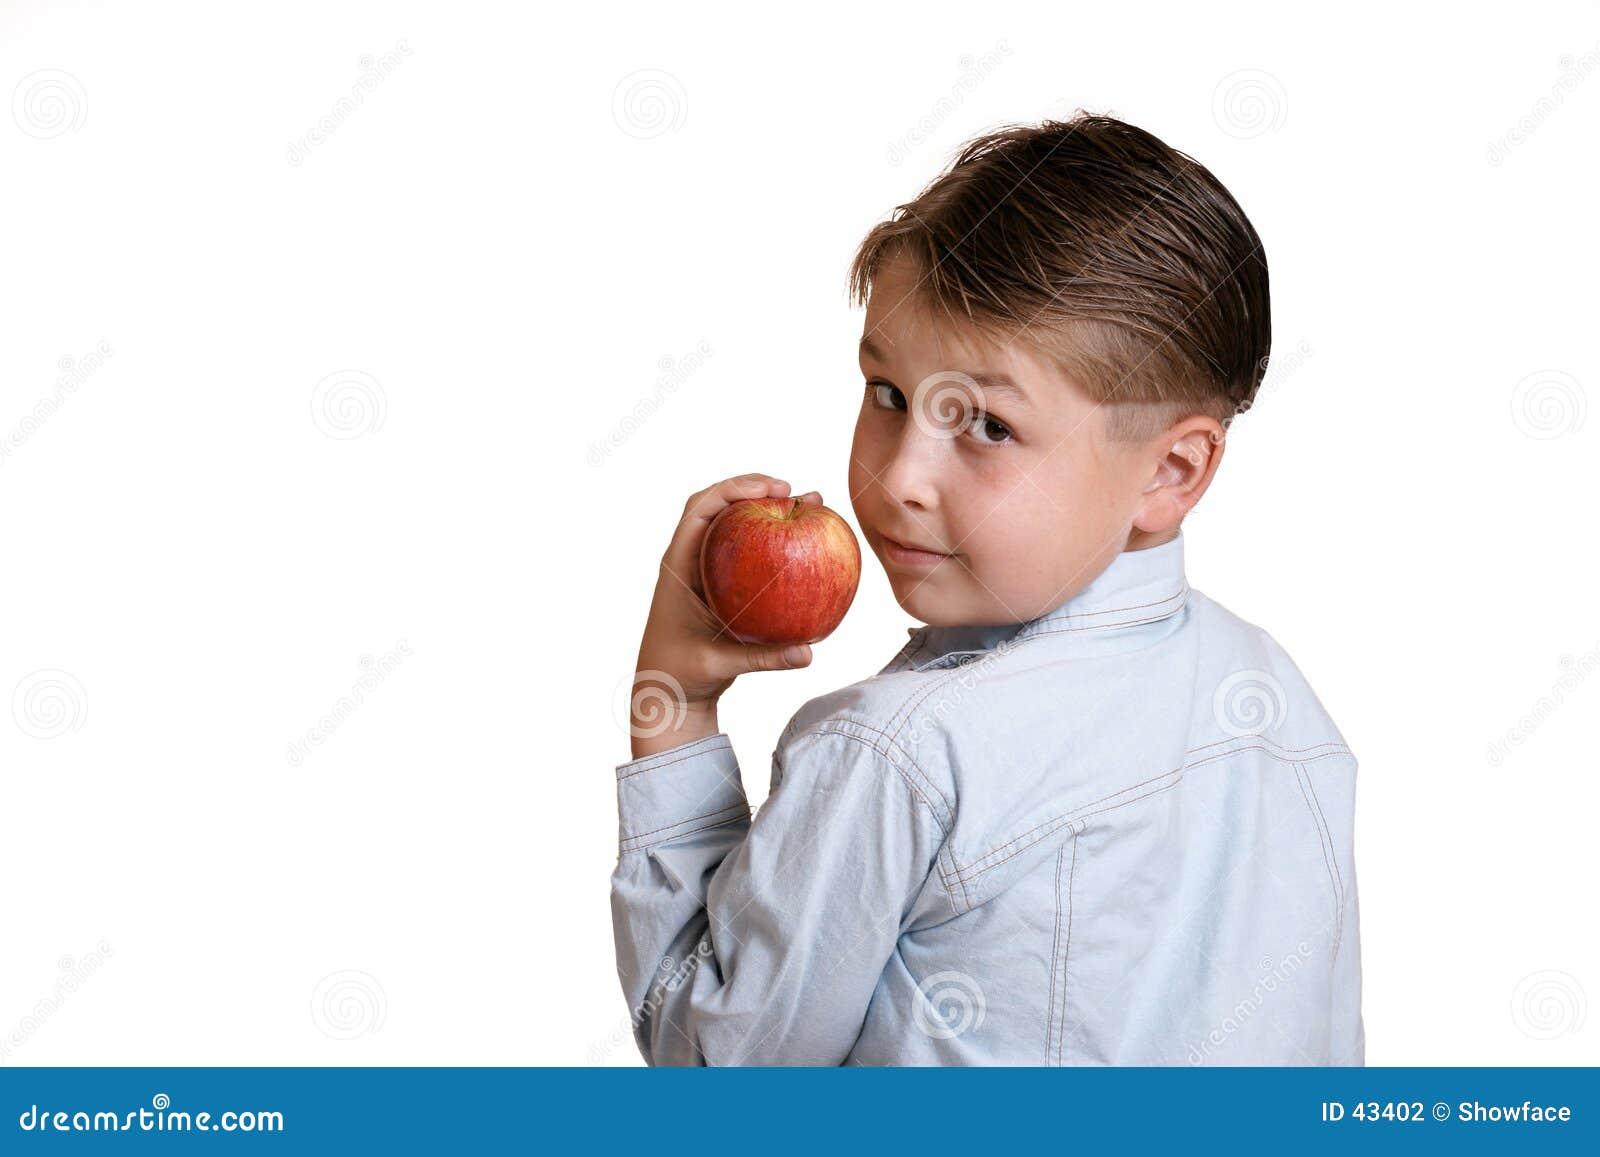 Child holding fruit